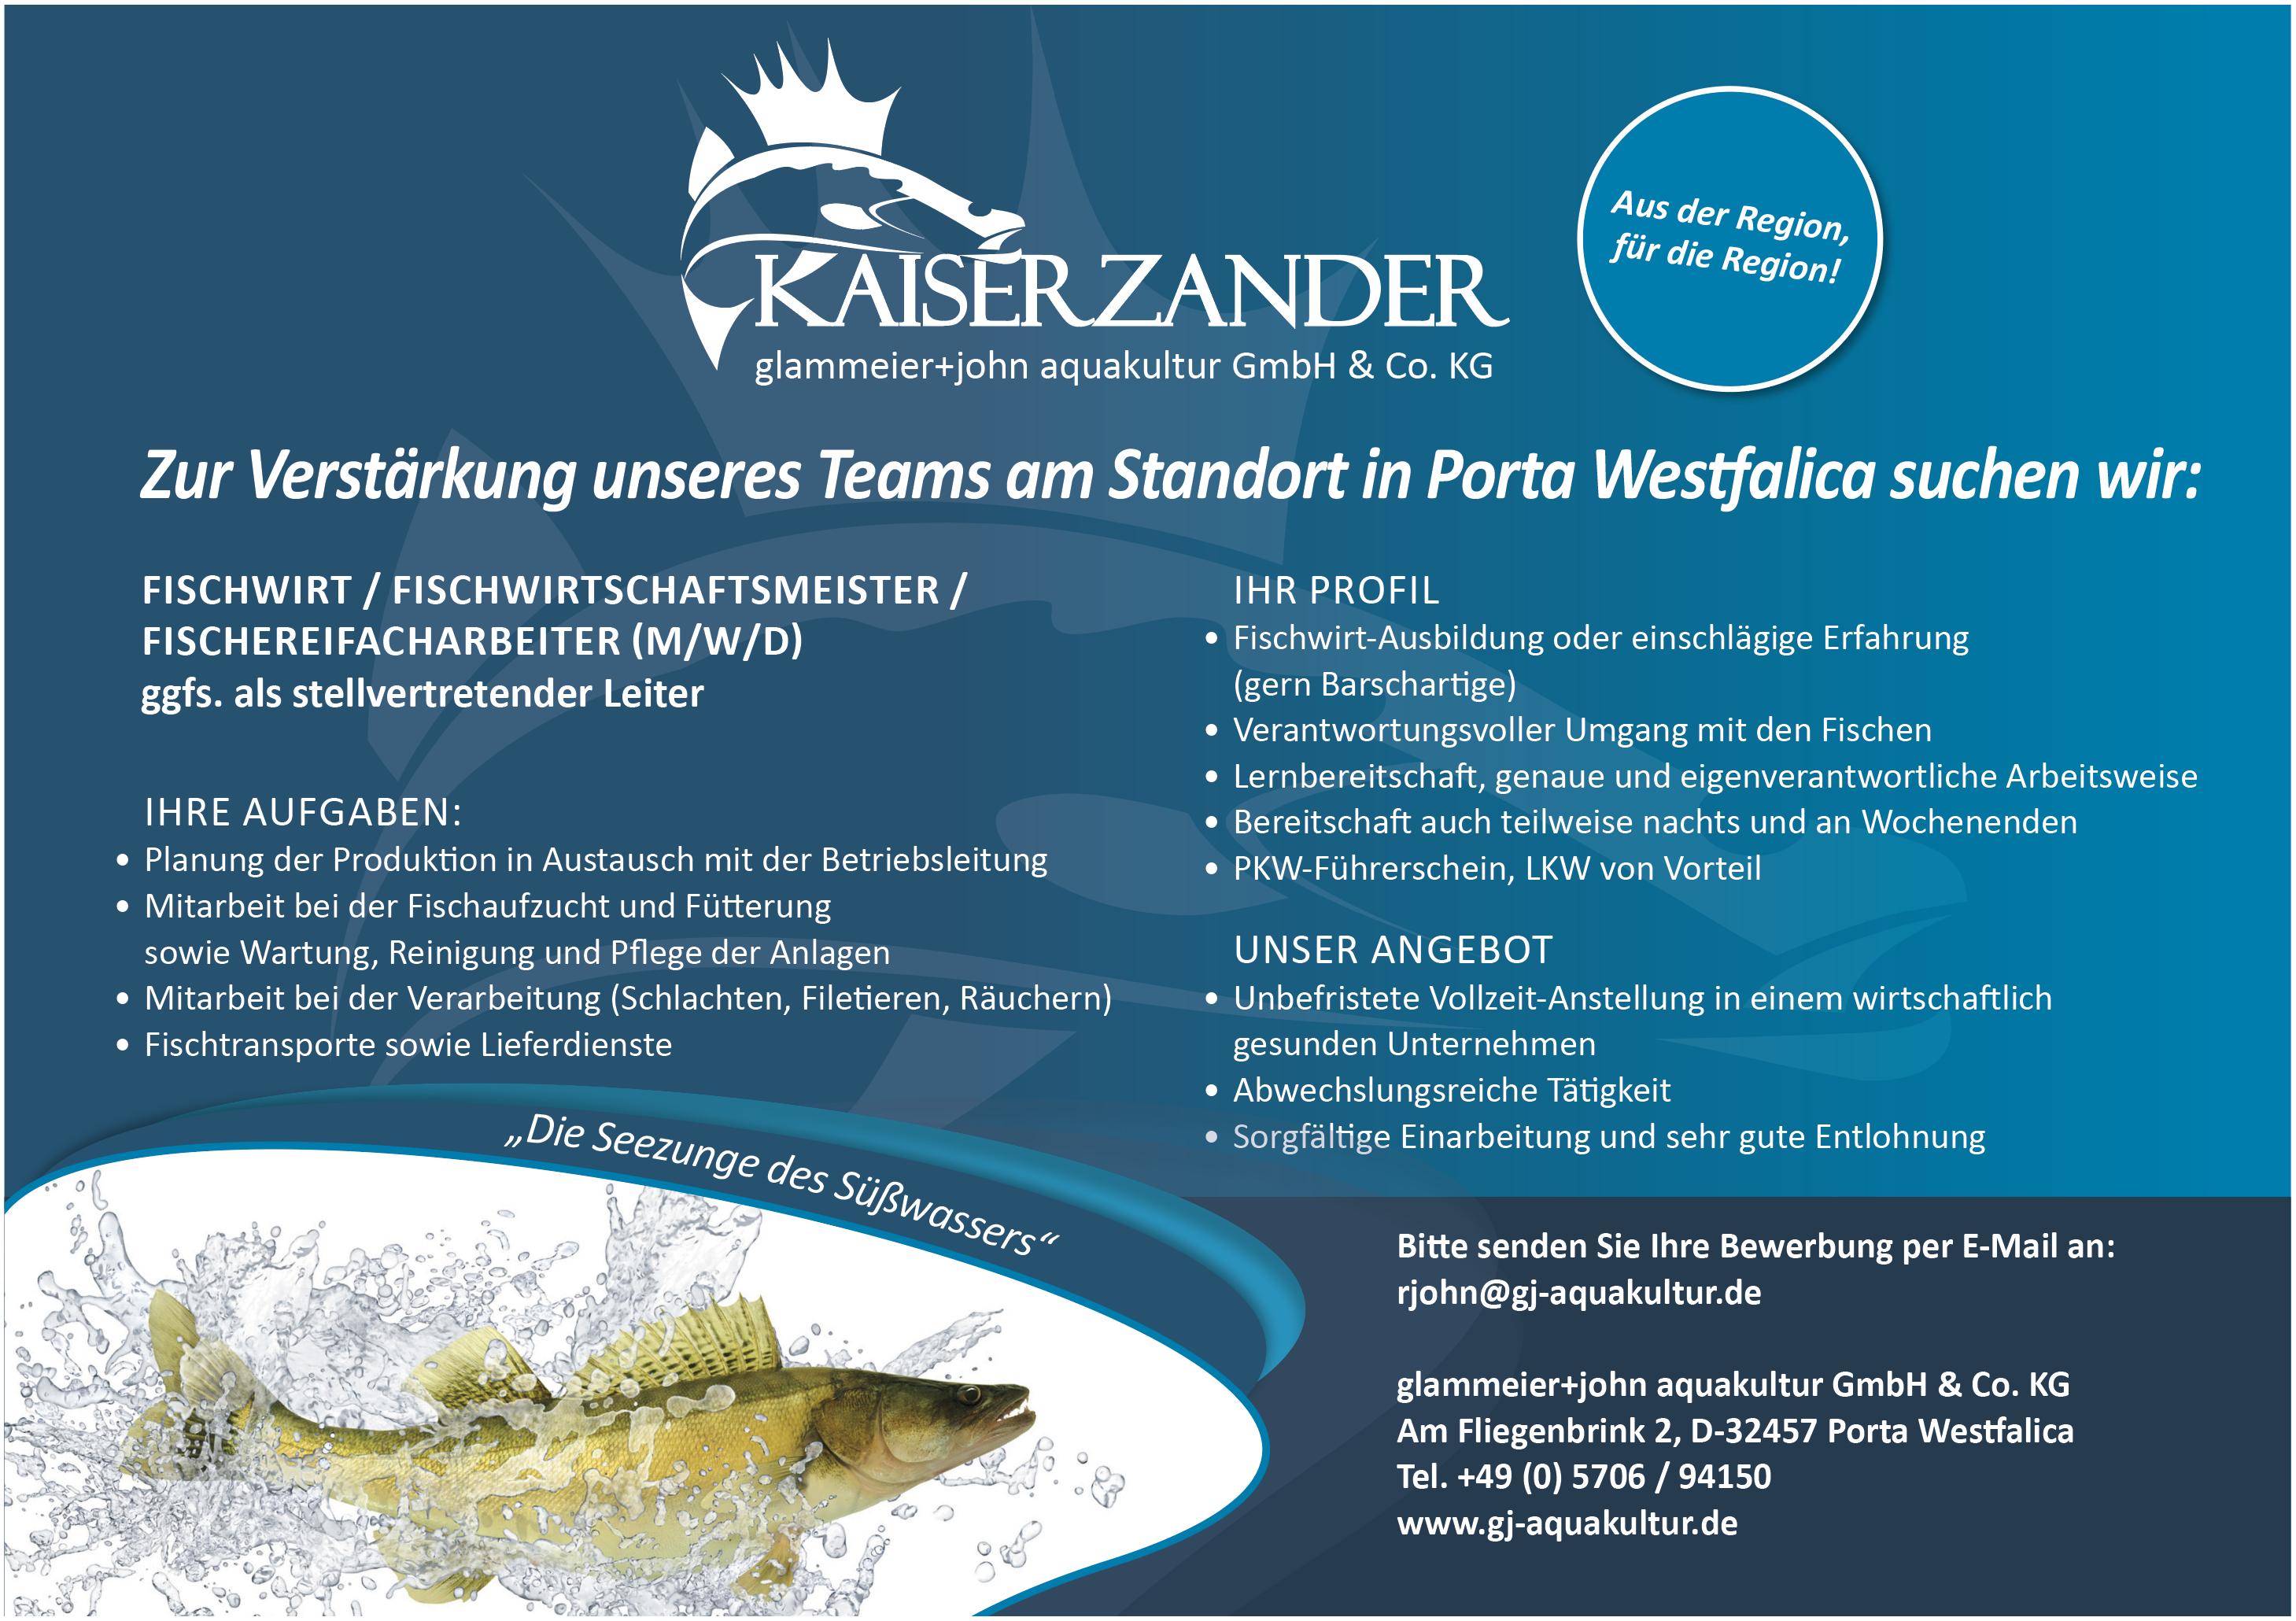 Fischwirt/Fischwirtschaftsmeister/Fischereifacharbeiter (m/w/d)